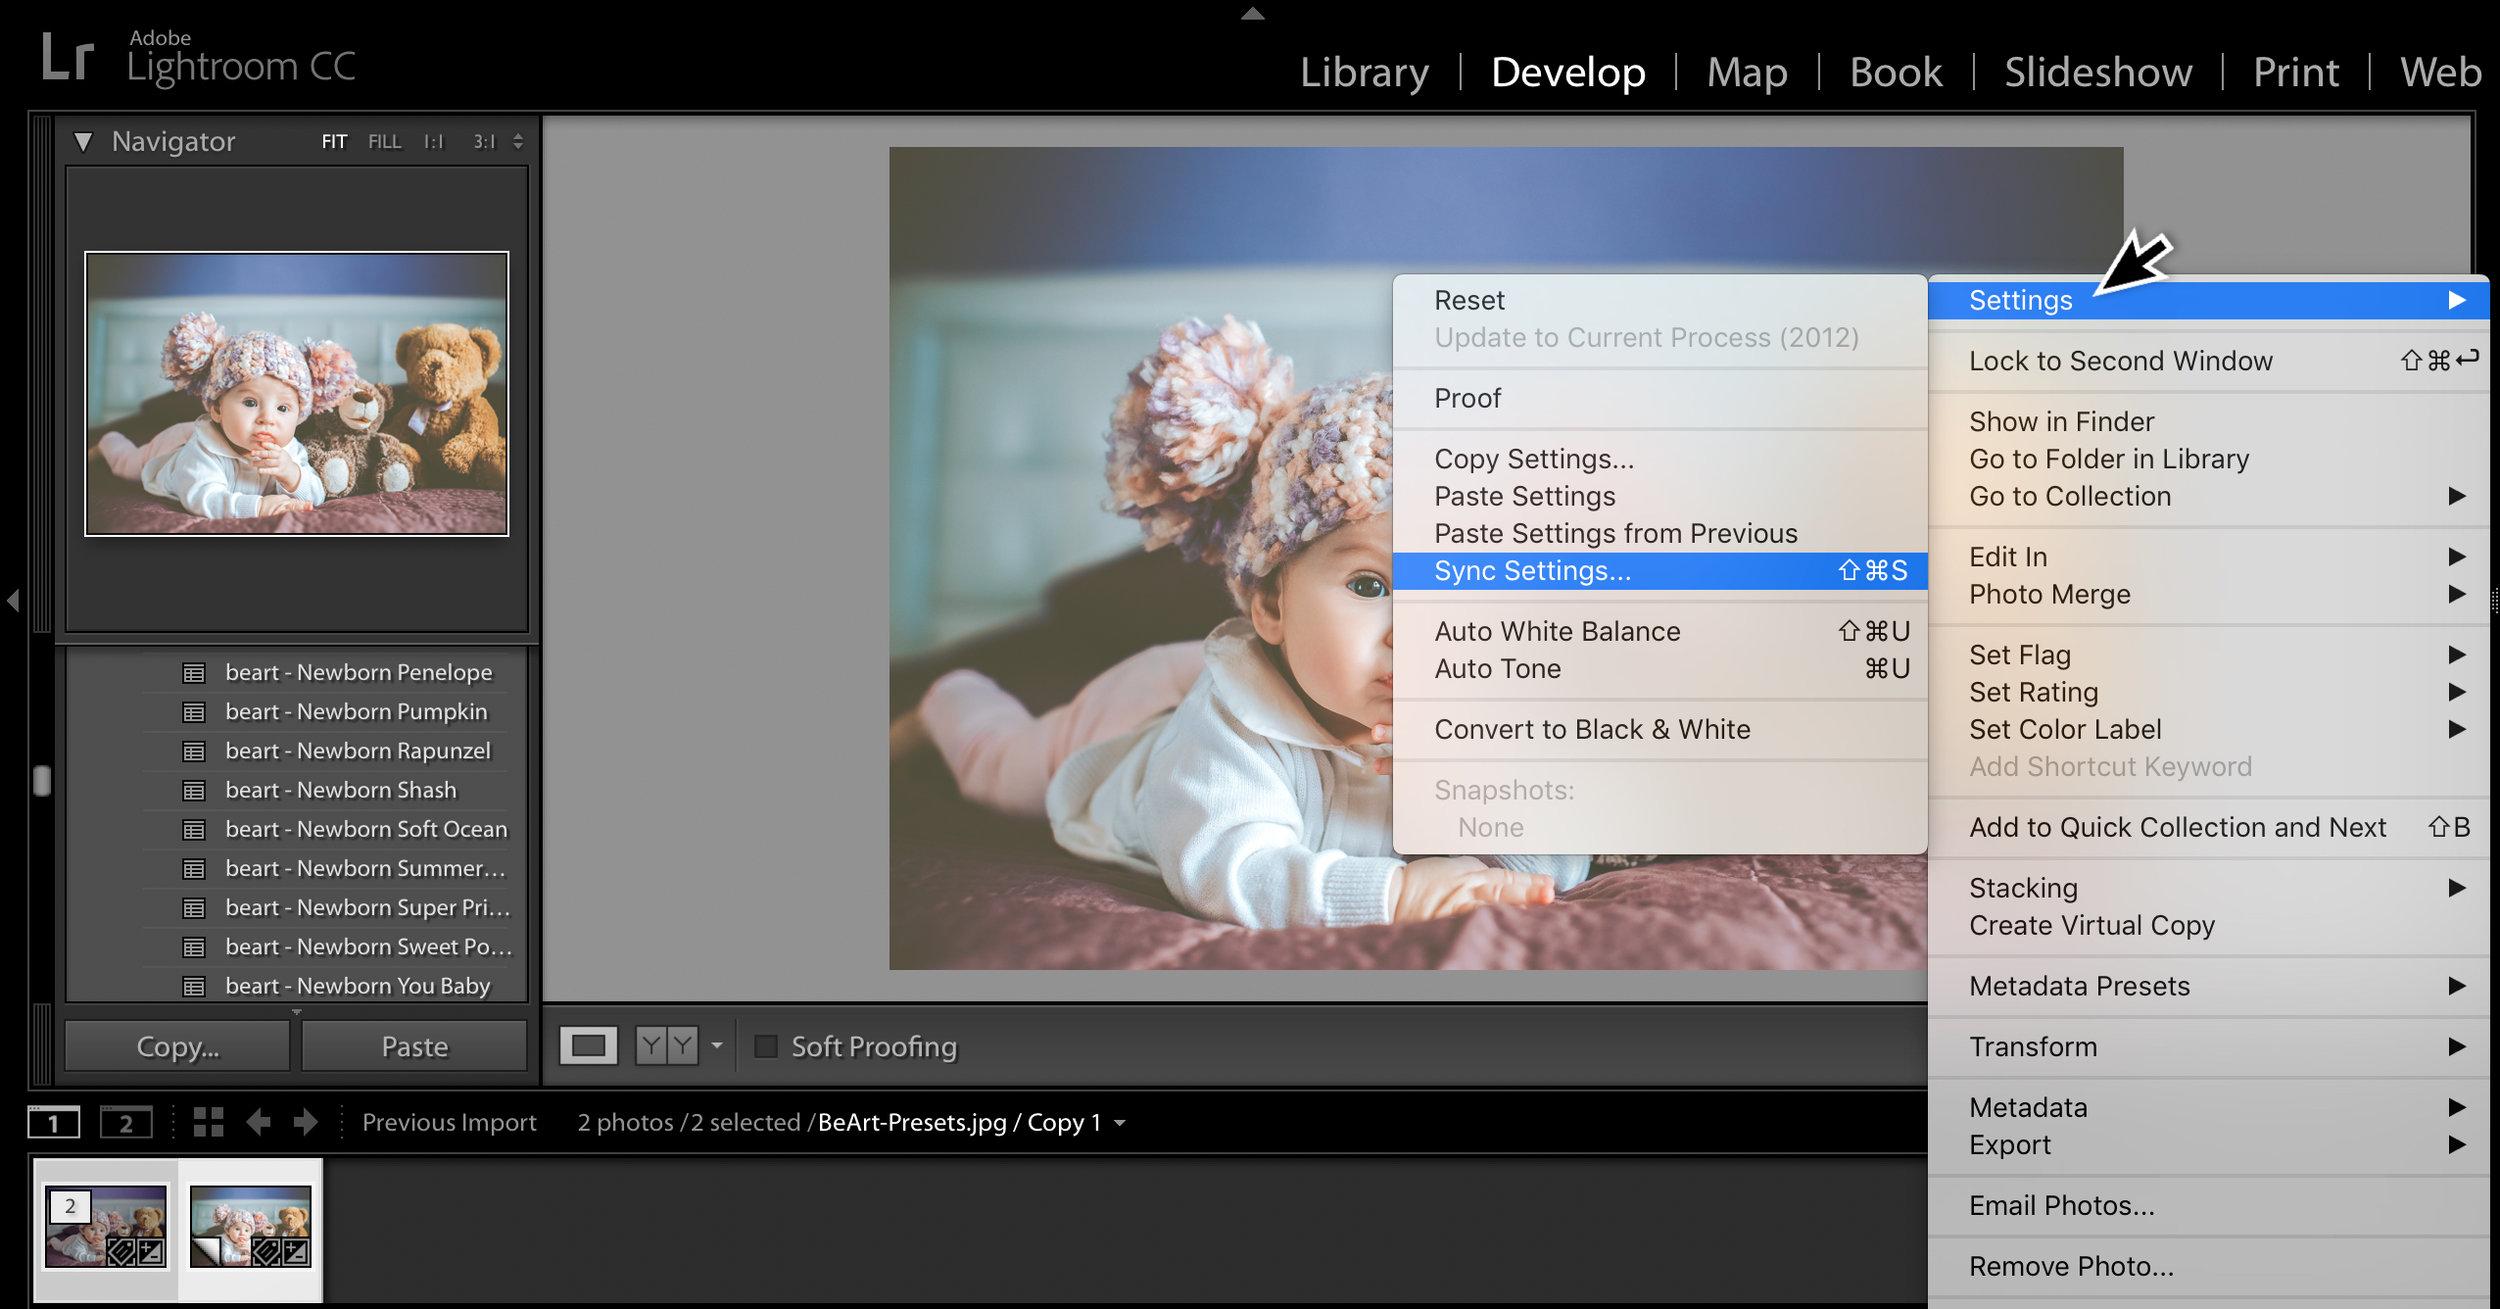 sync settings in lightroom options.jpg